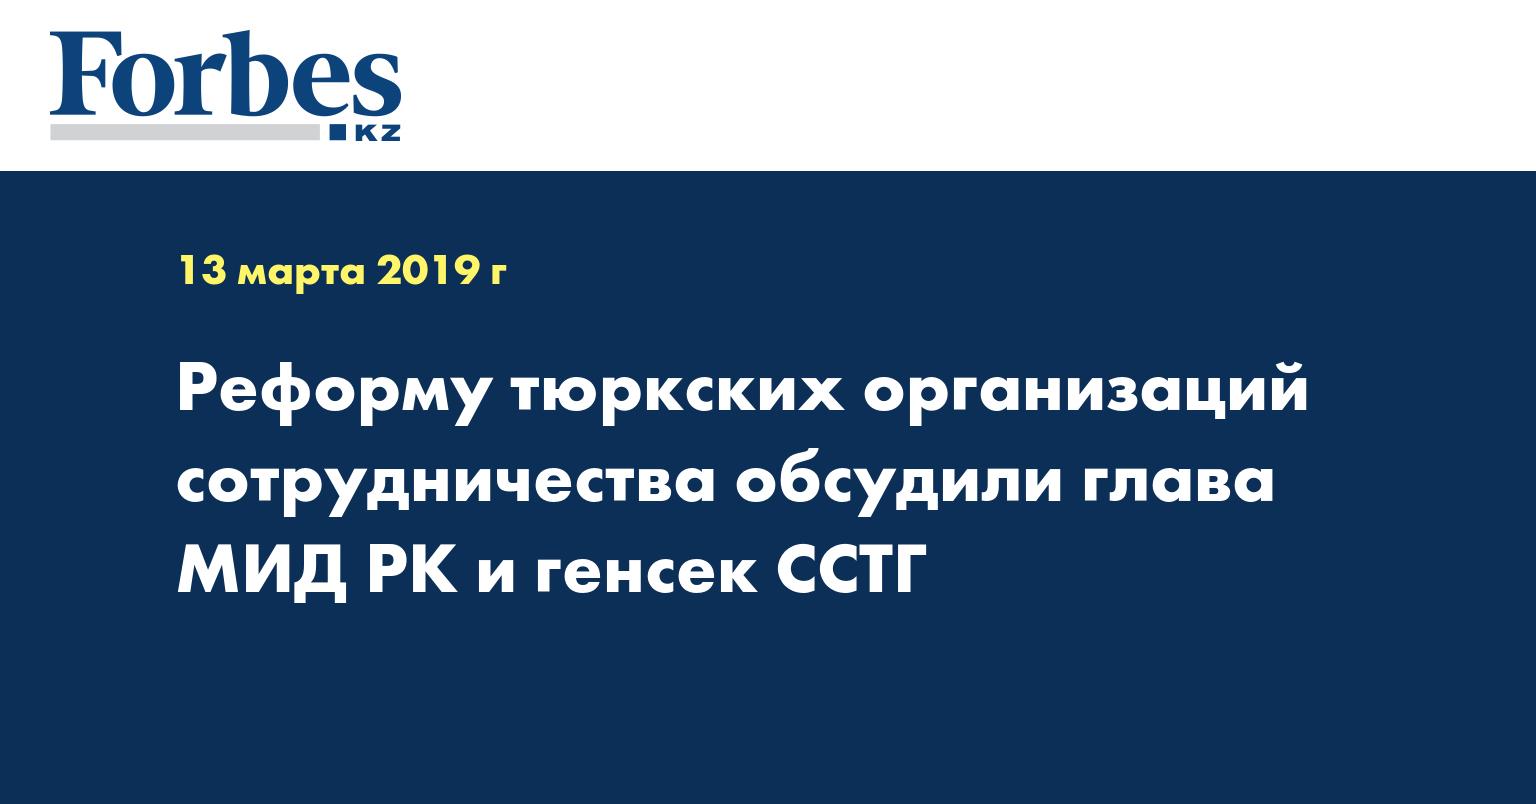 Реформу тюркских организаций сотрудничества обсудили глава МИД РК и генсек ССТГ